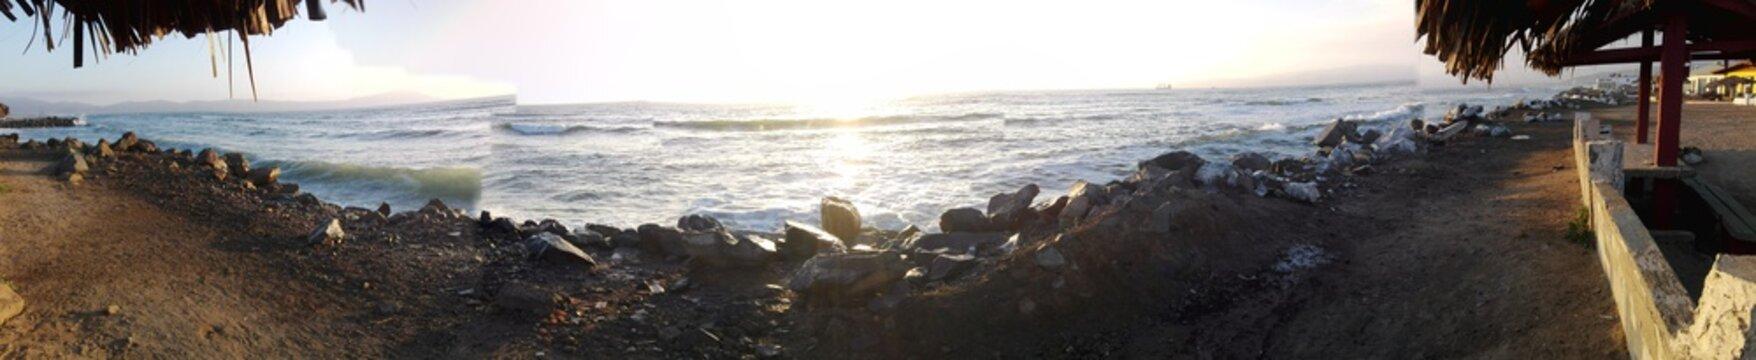 Playa Monalisa Ensenada Baja Califoria